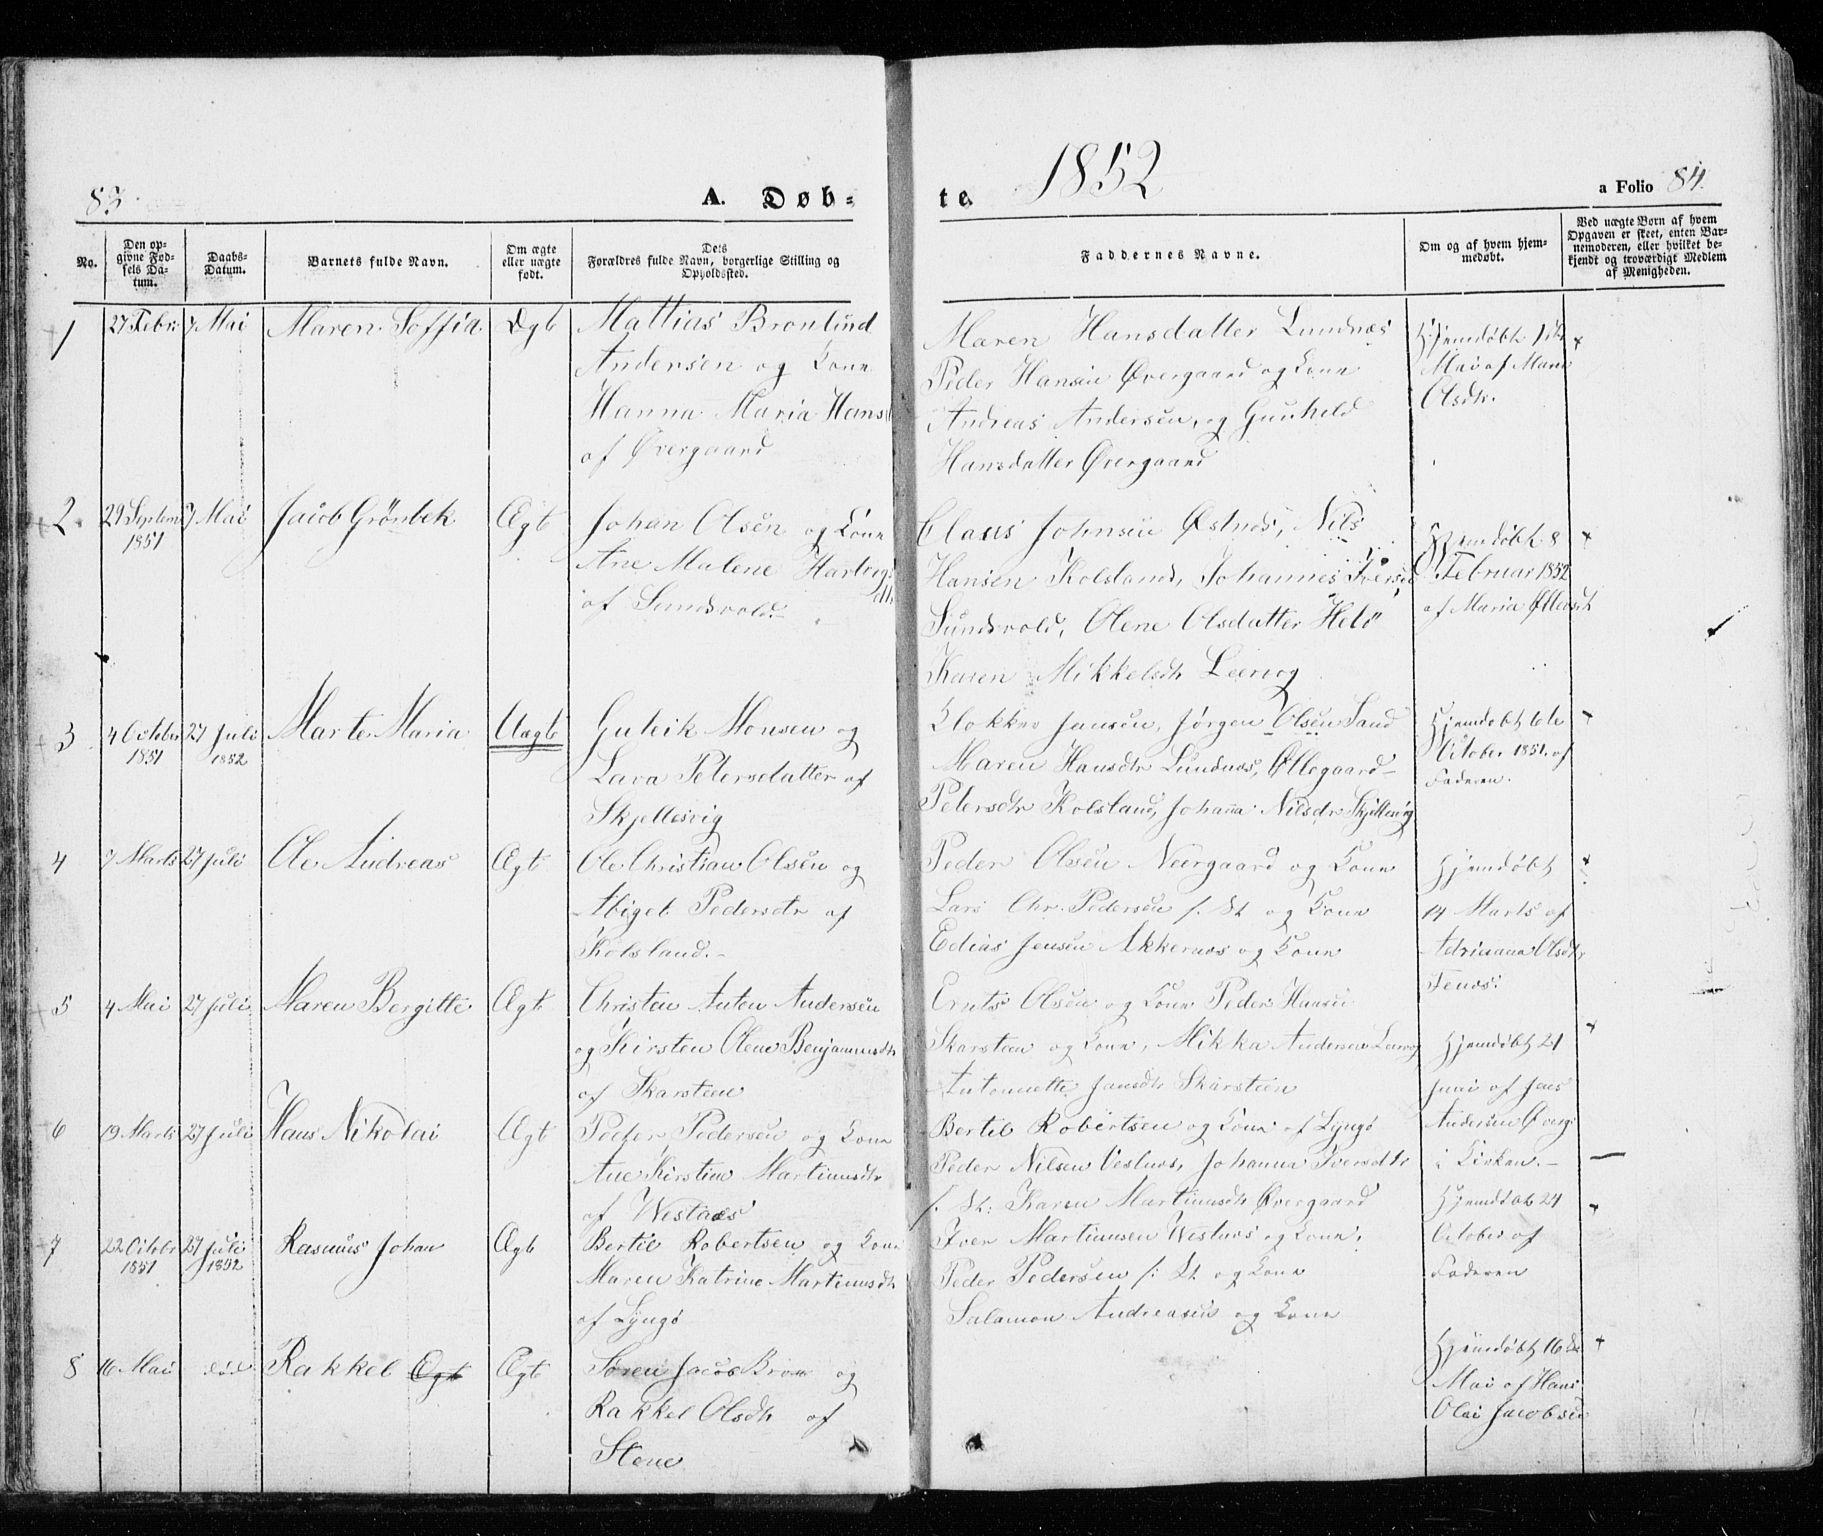 SATØ, Trondenes sokneprestkontor, H/Ha/L0010kirke: Ministerialbok nr. 10, 1840-1865, s. 83-84